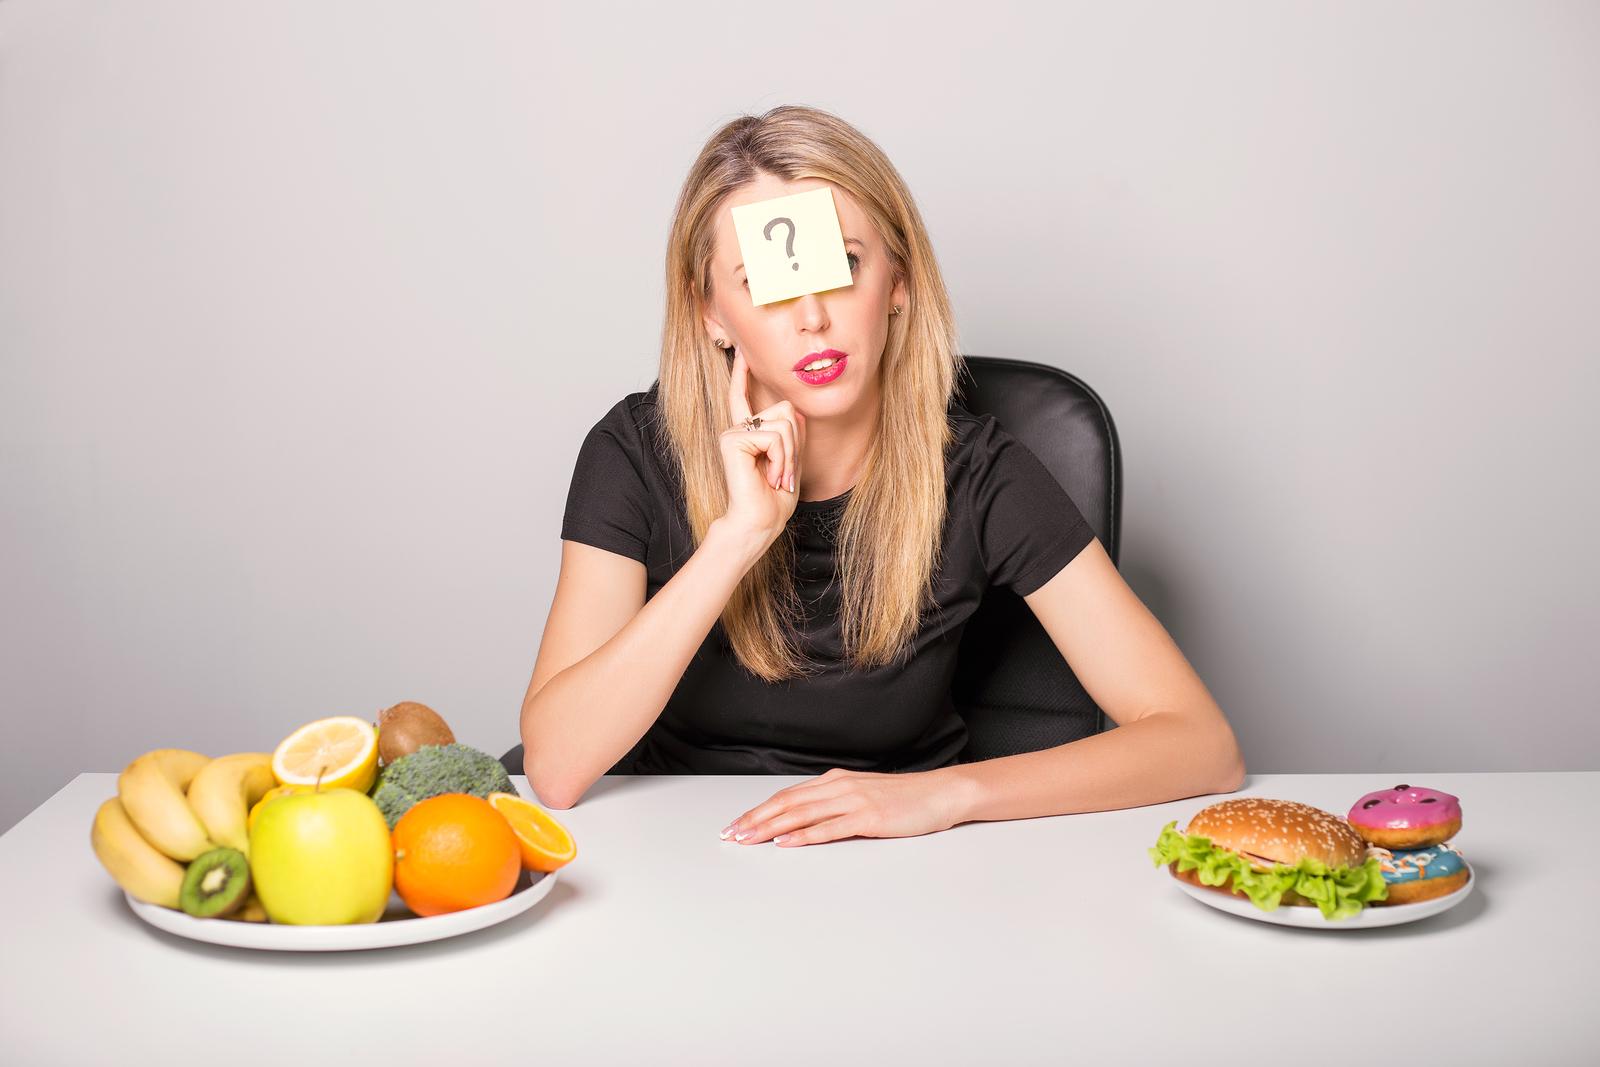 Žena má dilemu aké sacharidy si má dať